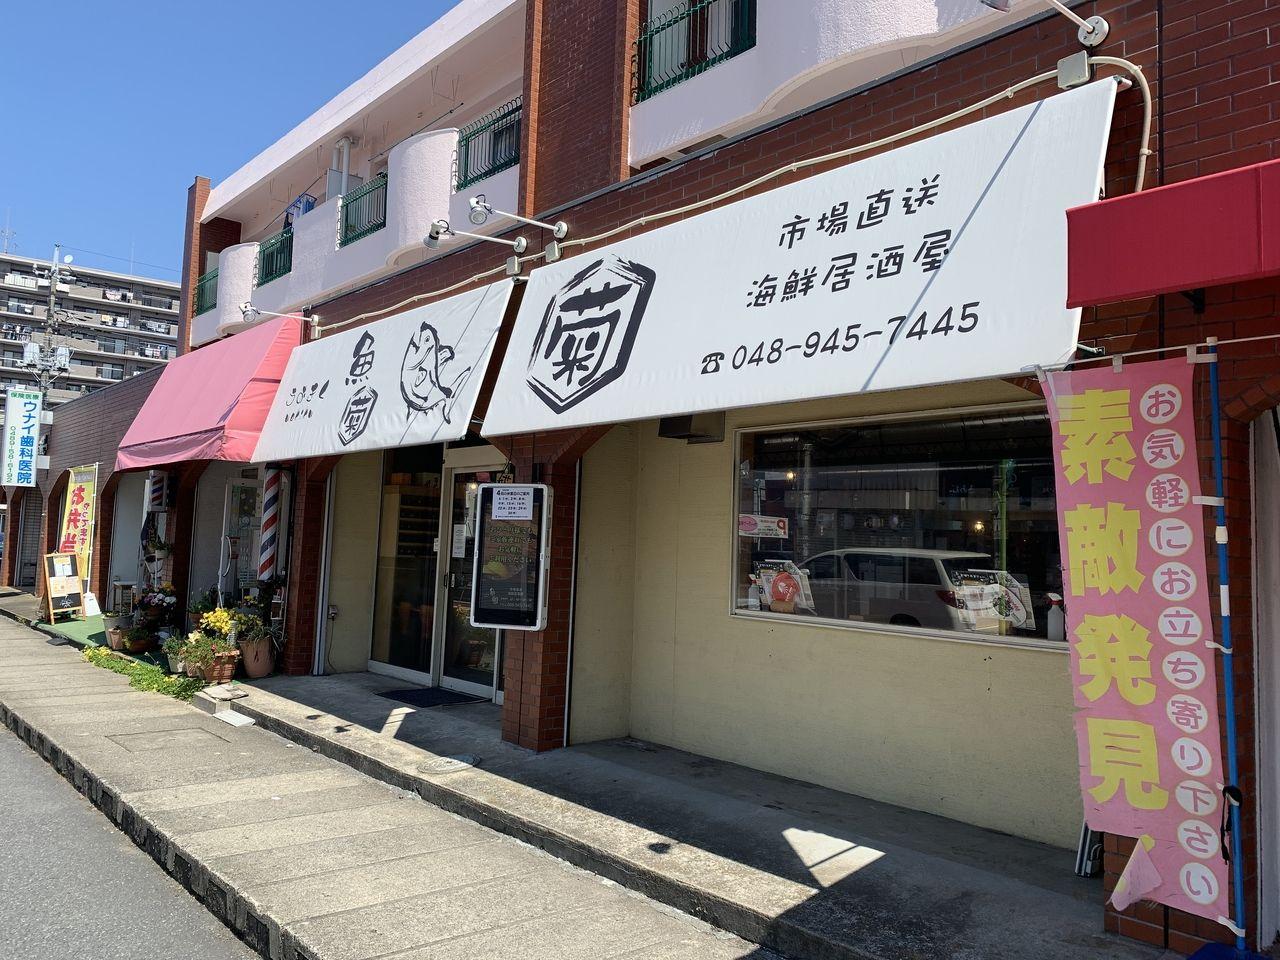 【三郷市食べ歩きブログ(テイクアウト編)】三郷市早稲田1丁目(三郷駅徒歩4分)にある「魚菊」さんがランチ・テイクアウト始めています♪